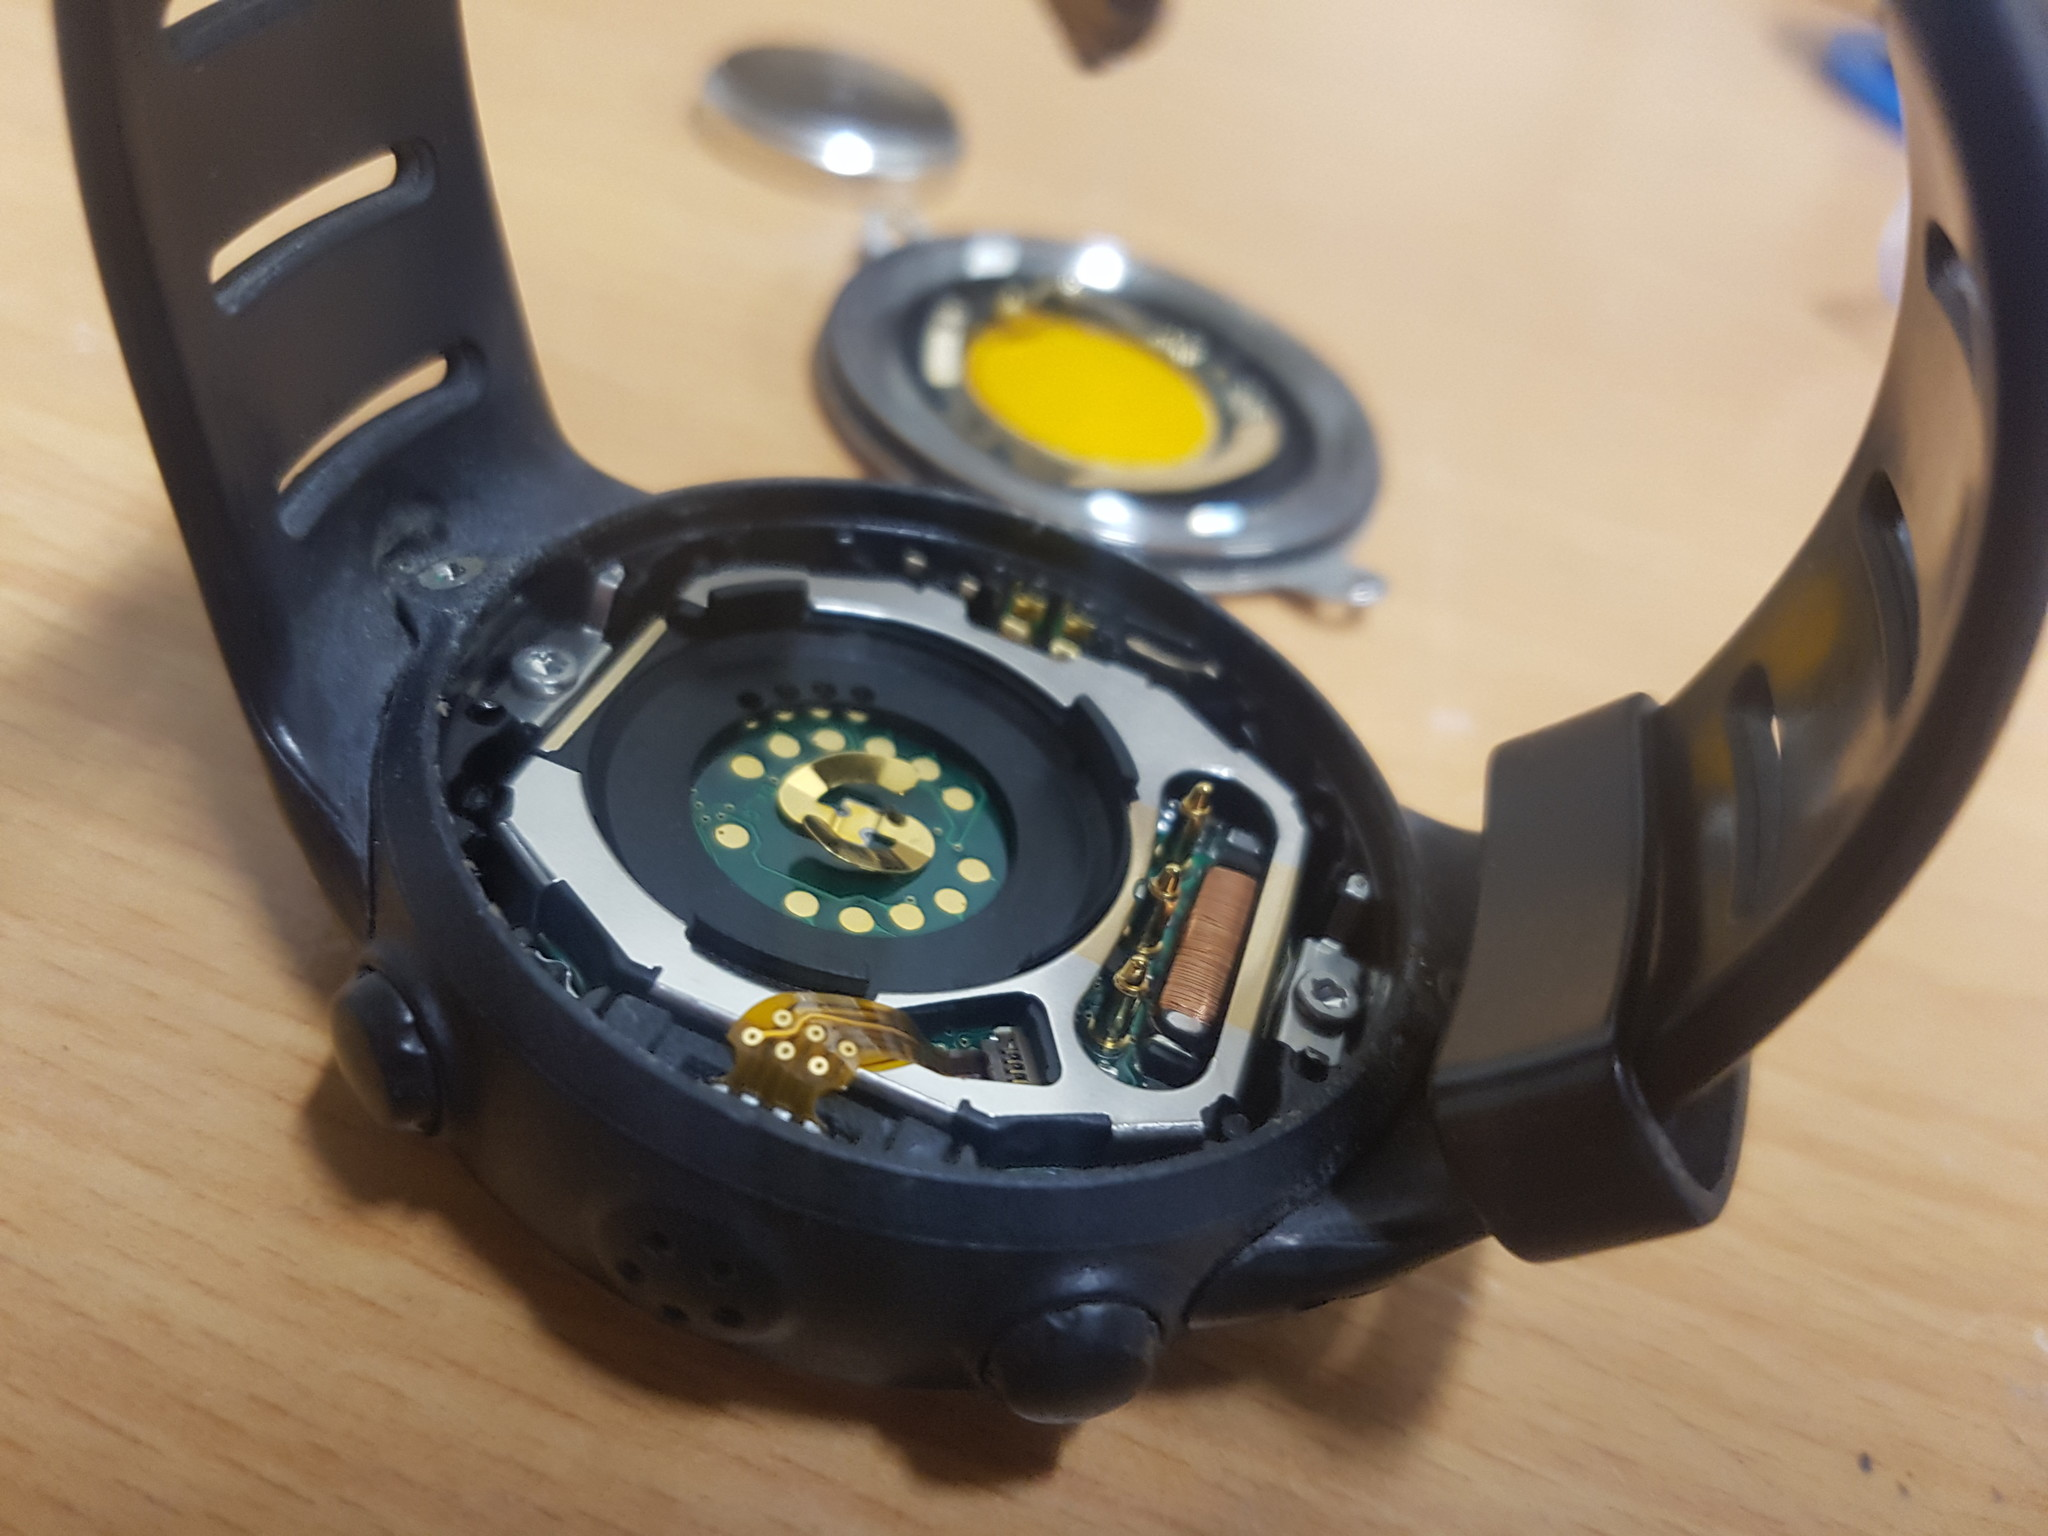 Duikcomputer batterij vervangen